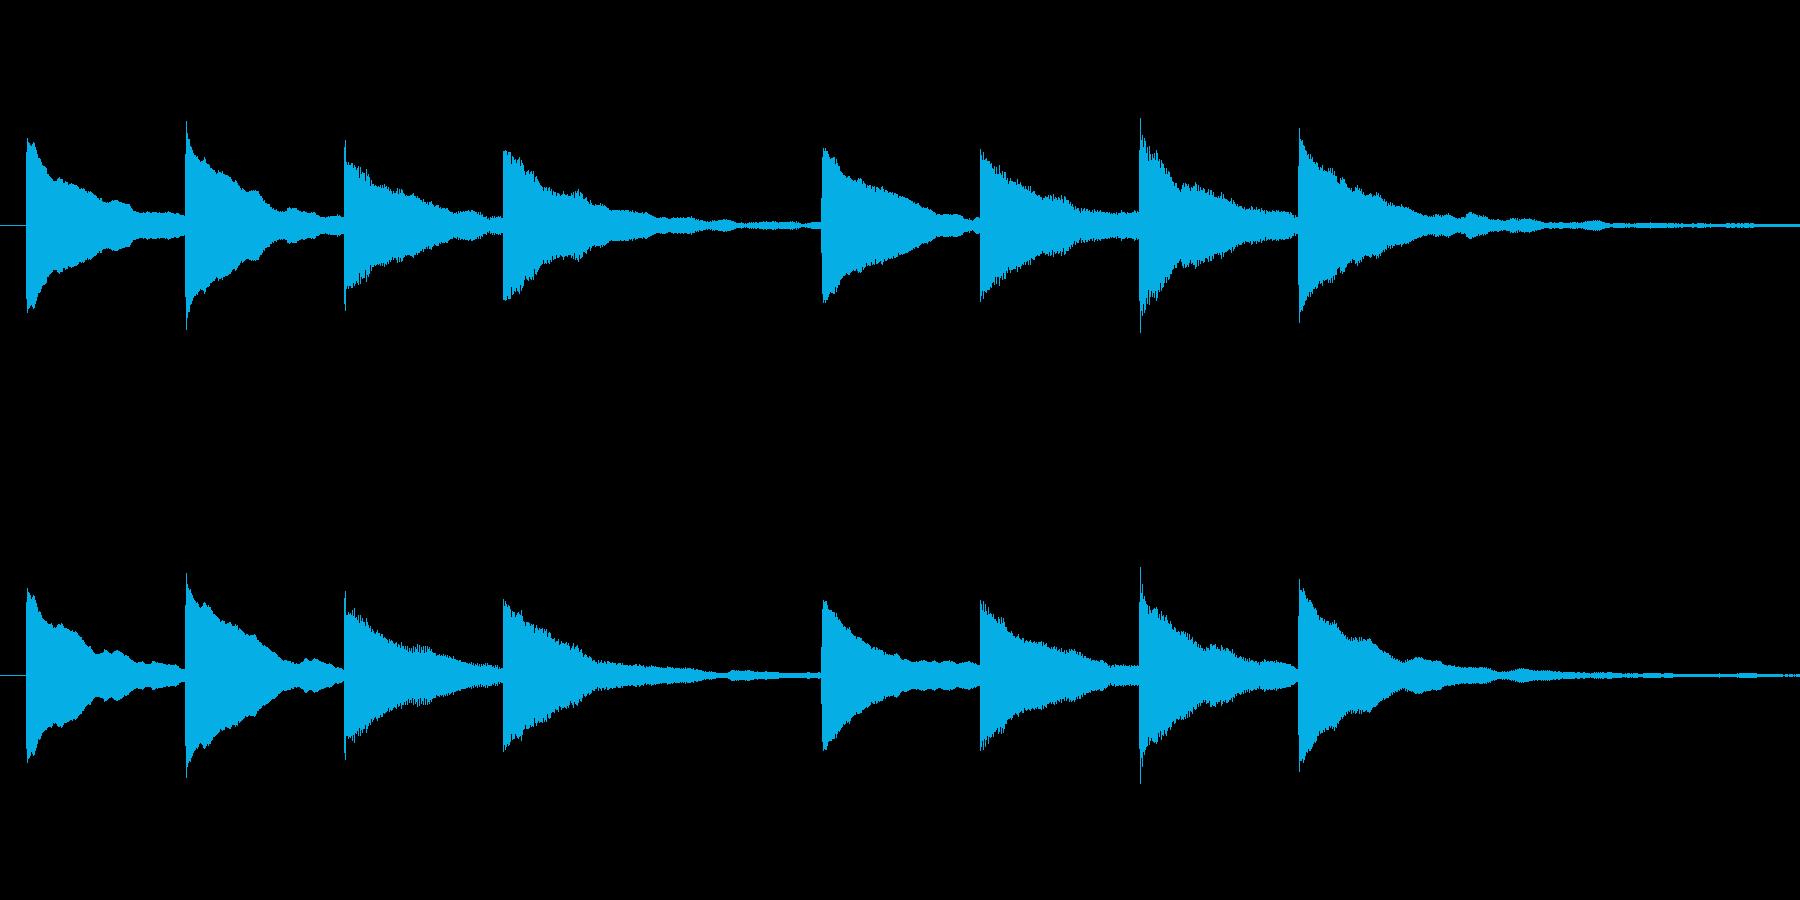 キンコンカンコン 学校チャイムの再生済みの波形